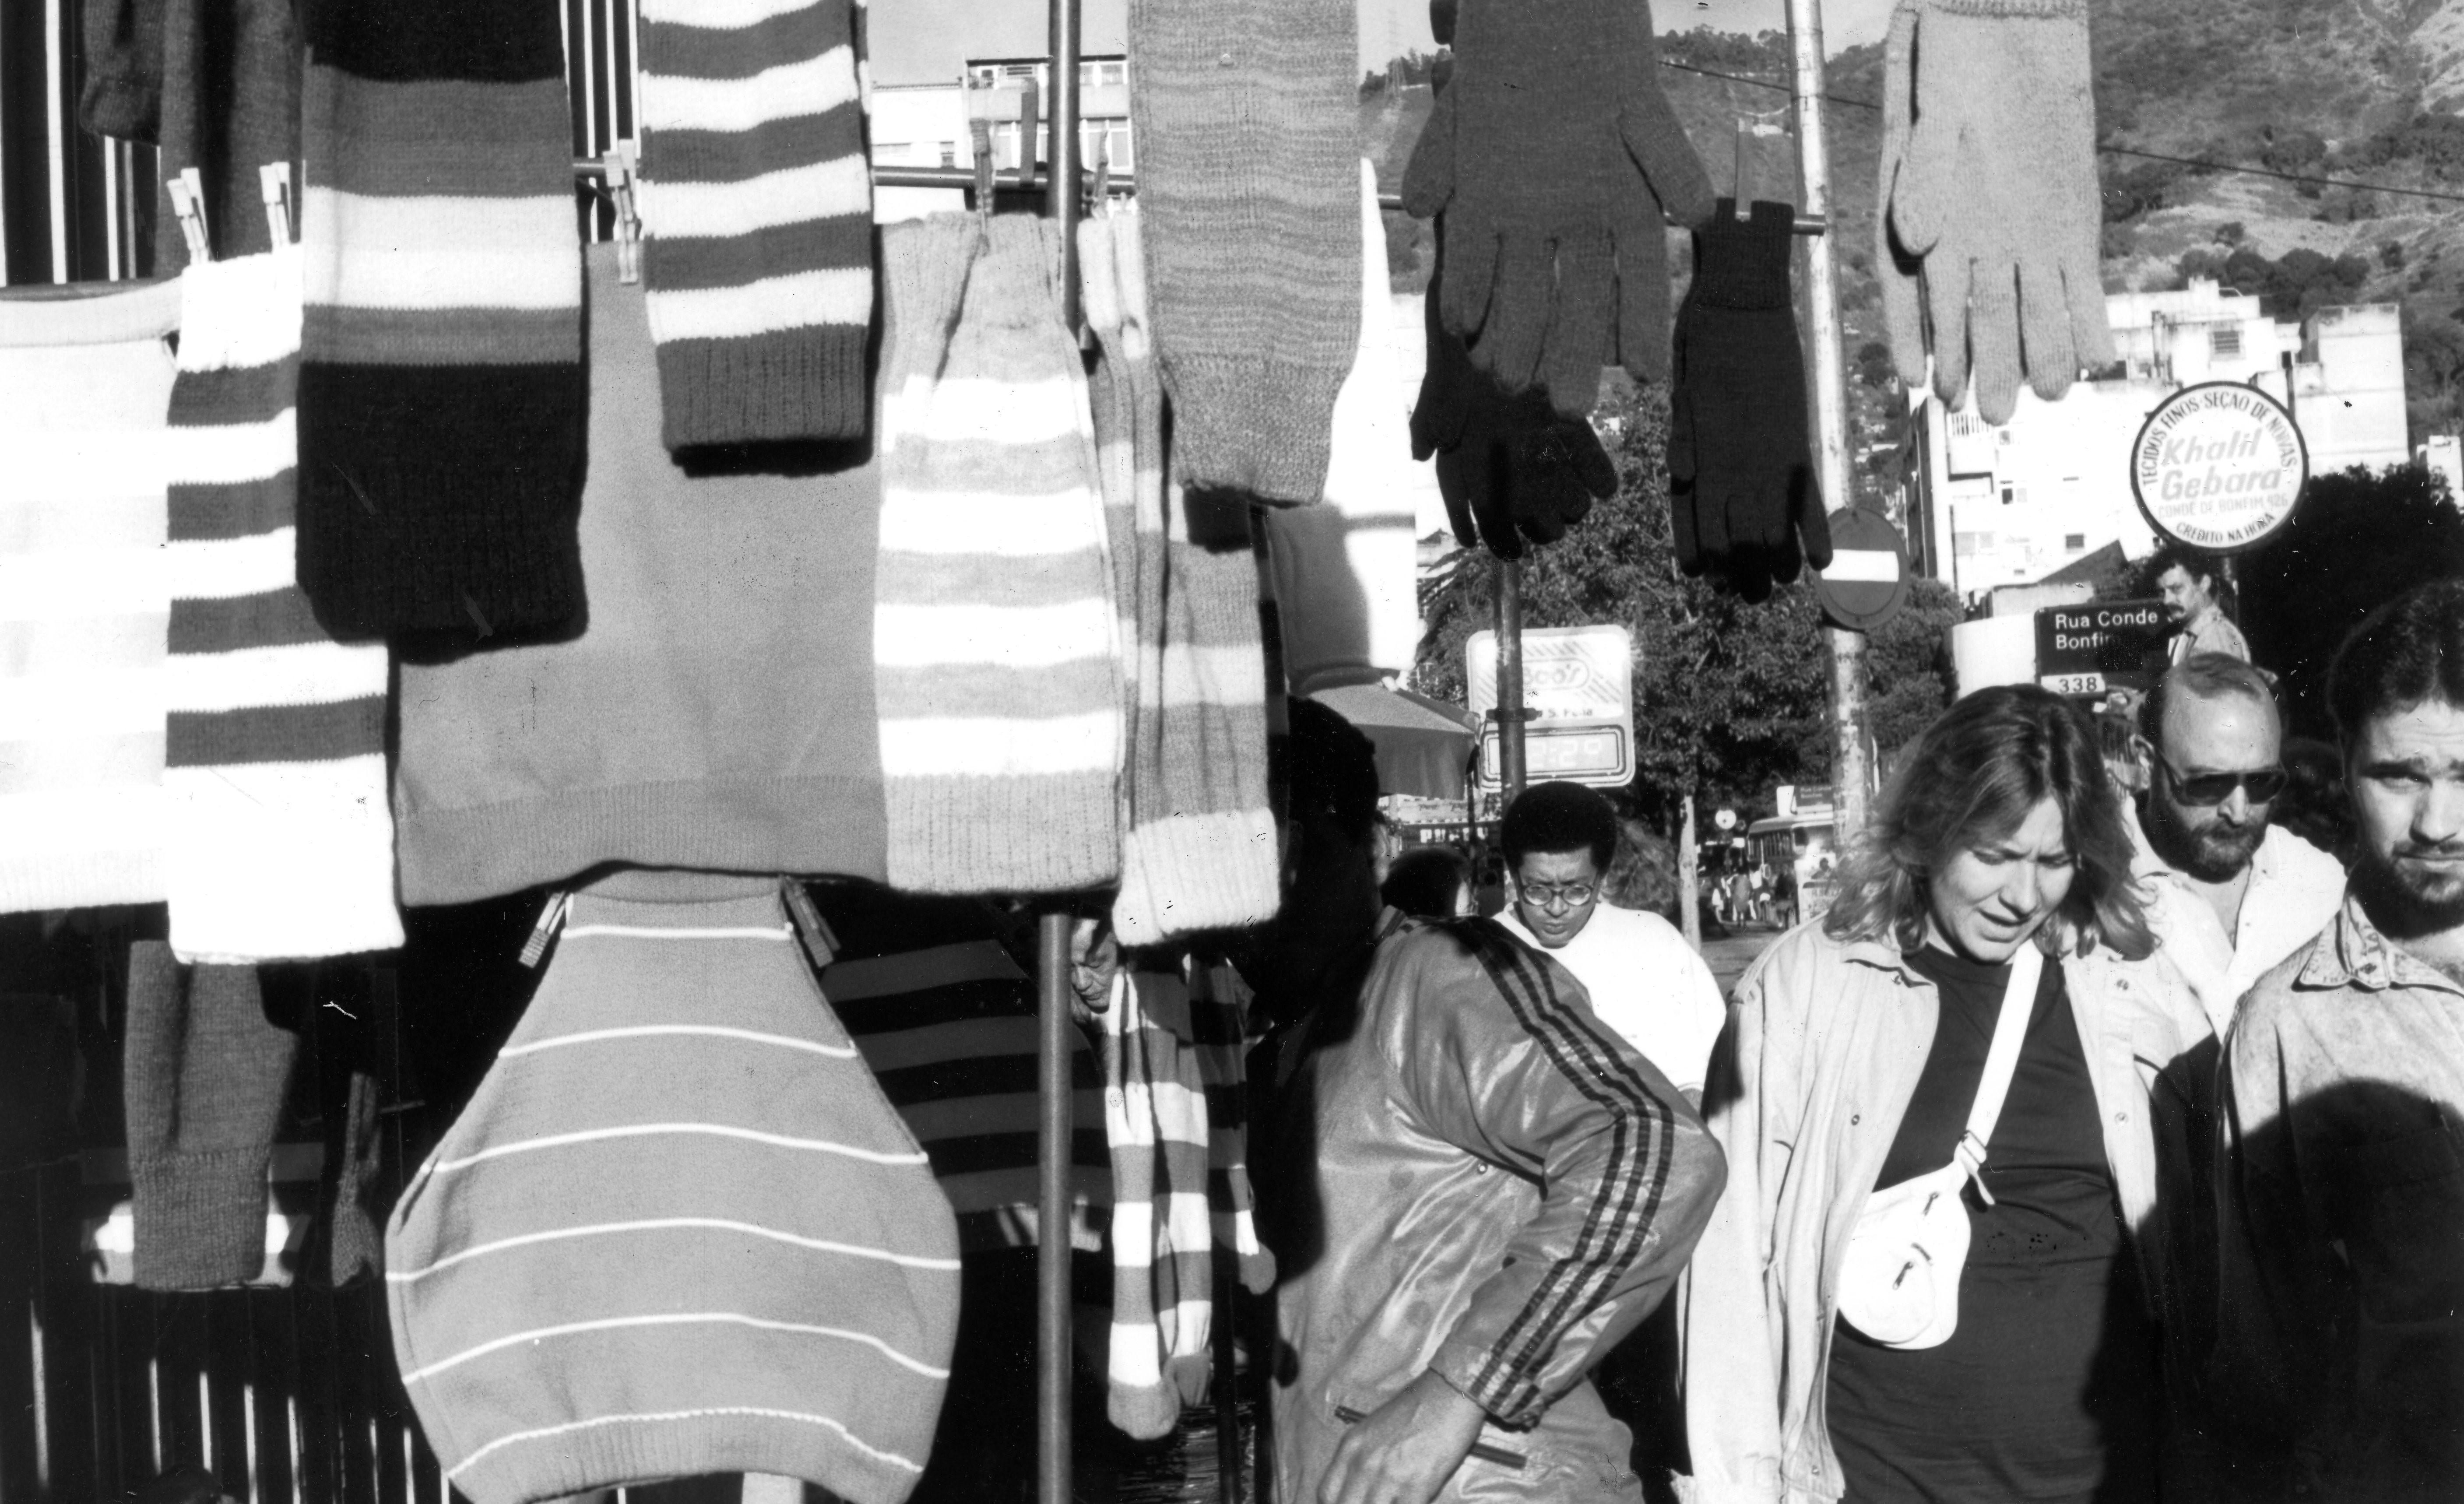 Luvas, gorros e cachecol à venda no camelô da praça Saens Peña, na Tijuca, em 1989